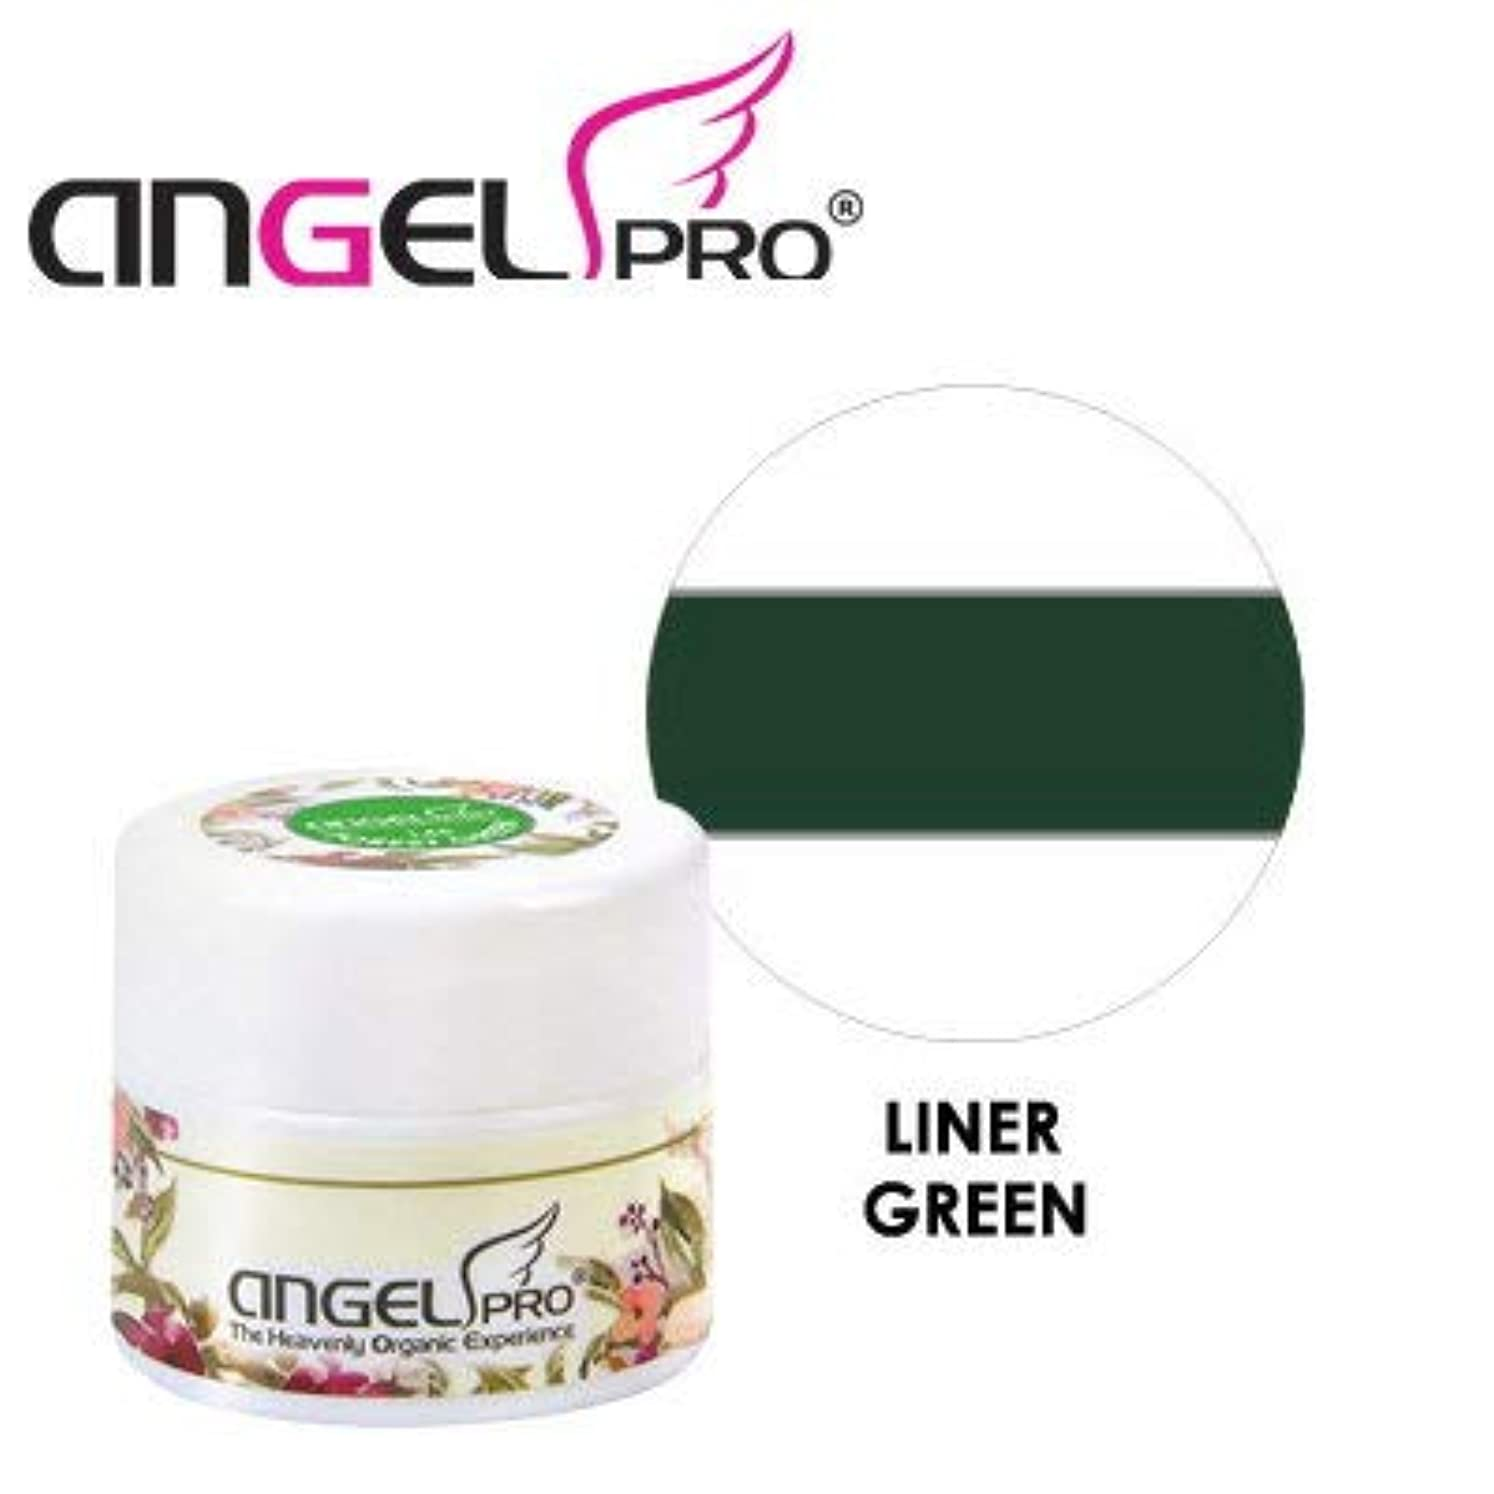 インターネットミニ写真のANGEL PRO ポットジェリー LINER GREEN 4g